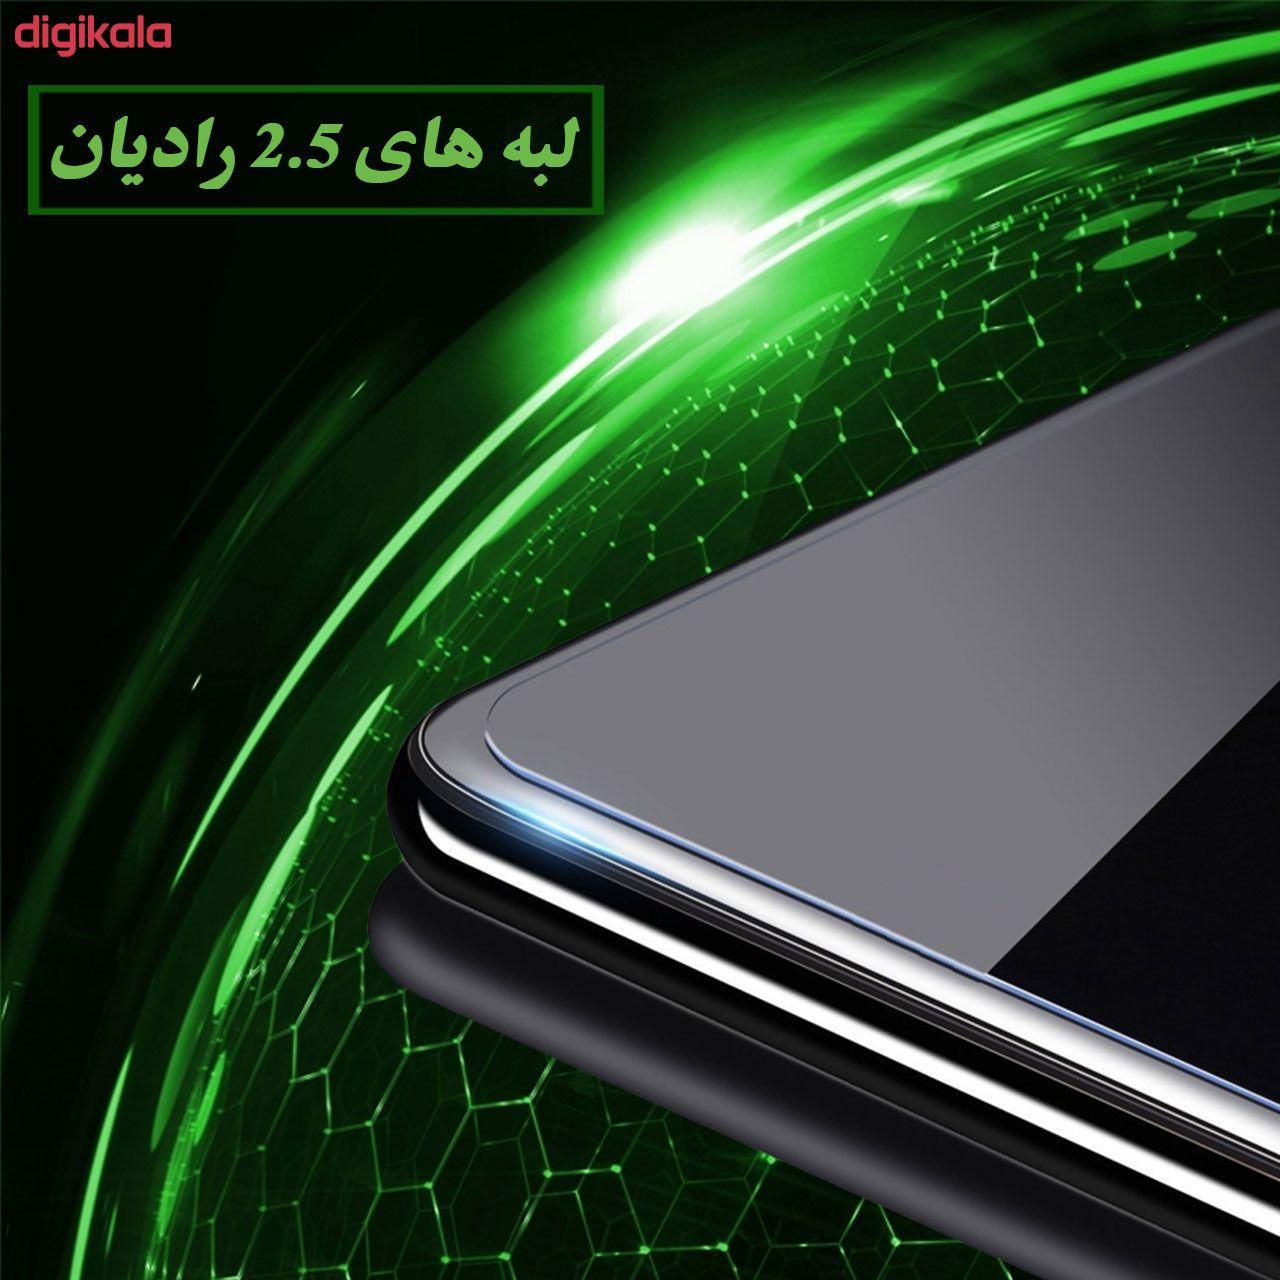 محافظ صفحه نمایش تراستکتور مدل GLS مناسب برای گوشی موبایل شیائومی Mi A2 Lite / Redmi 6 Pro main 1 6